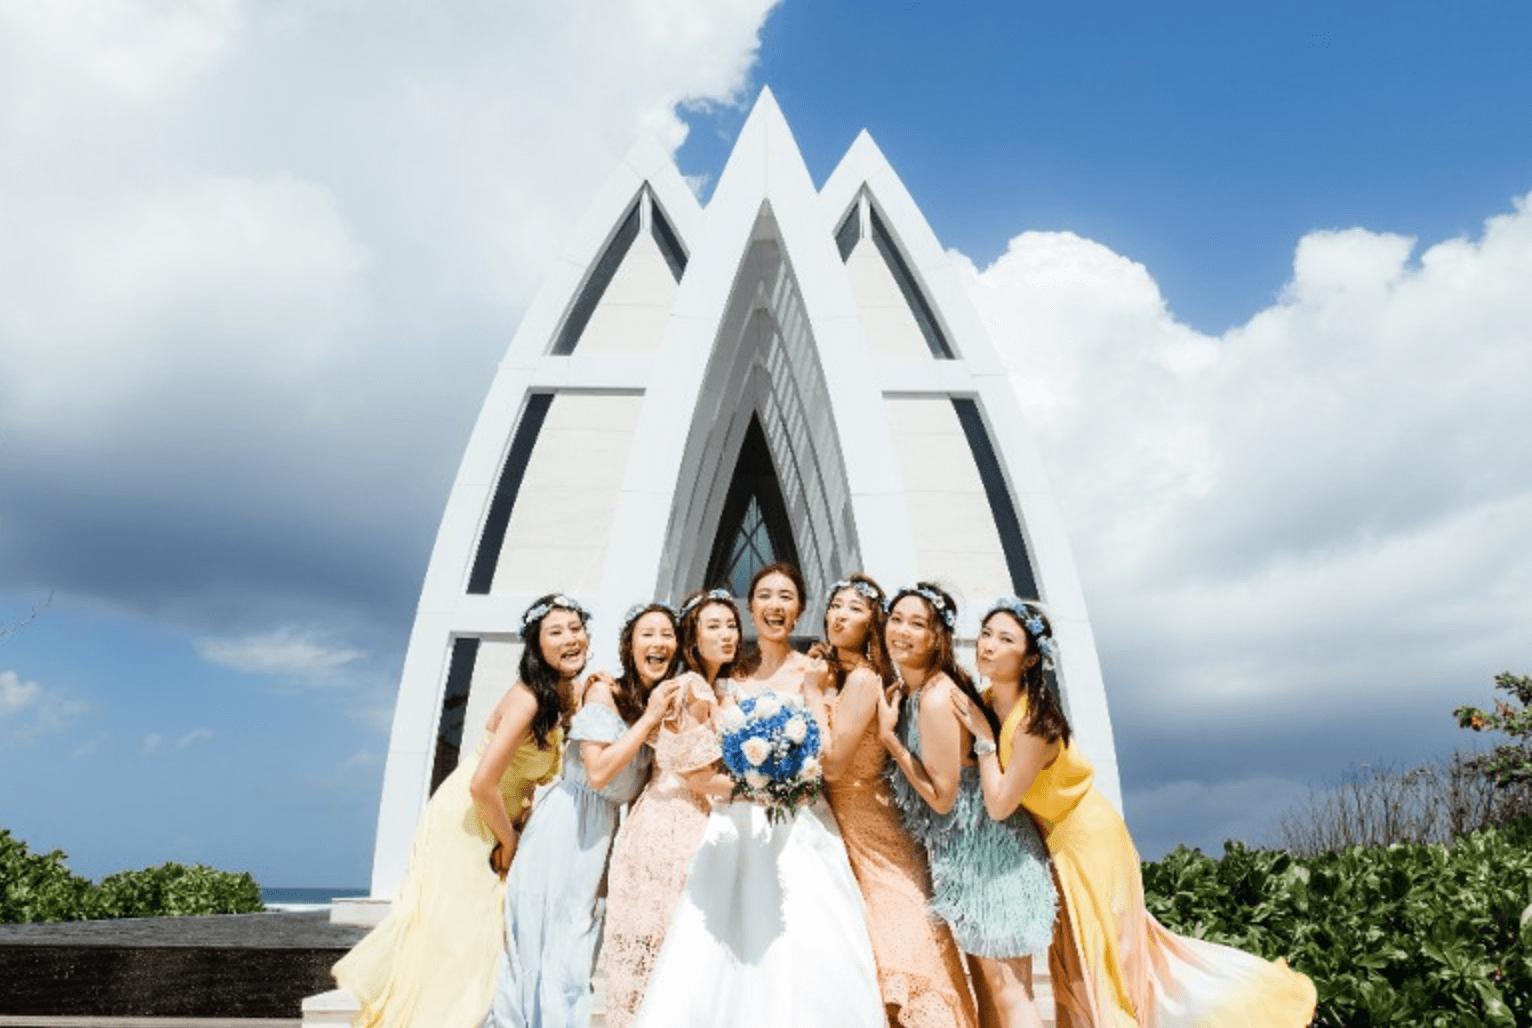 岑杏賢、湯洛雯、張嘉兒、劉倩婷、李雪瑩及蔣家旻伴Tracy出嫁